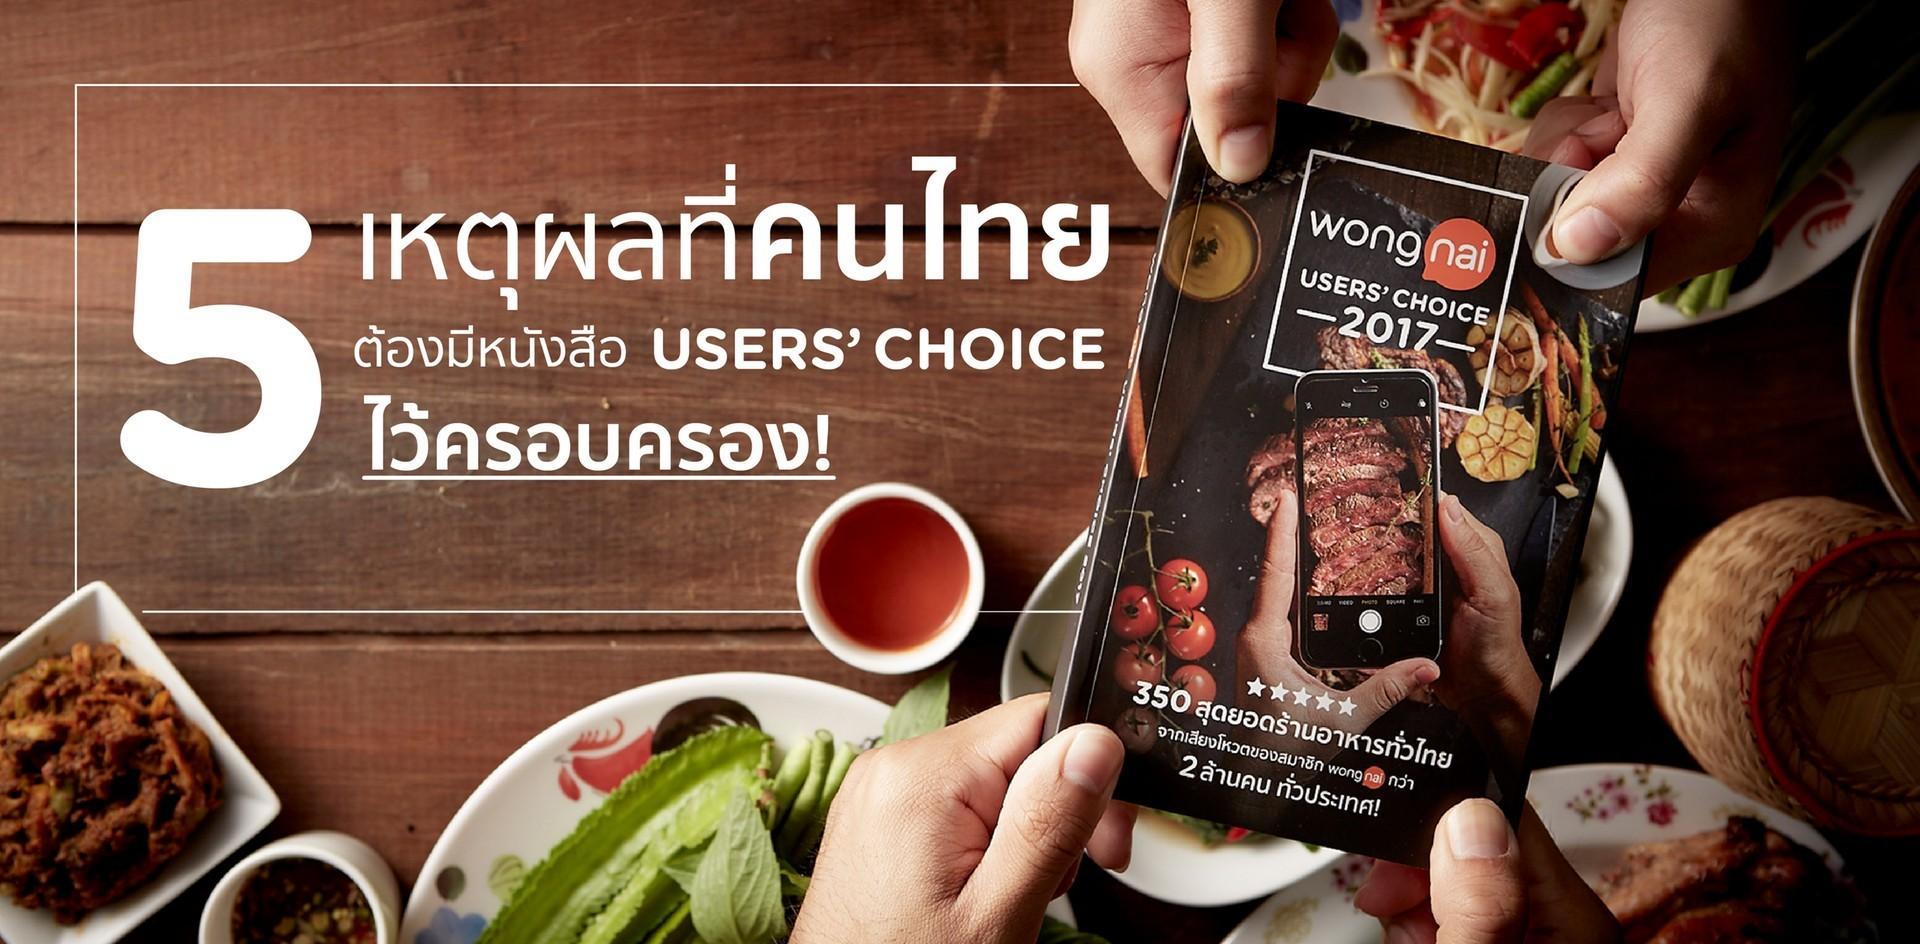 5 เหตุผลที่คนไทย ต้องมีหนังสือ Users' Choice 2017 ไว้ครอบครอง